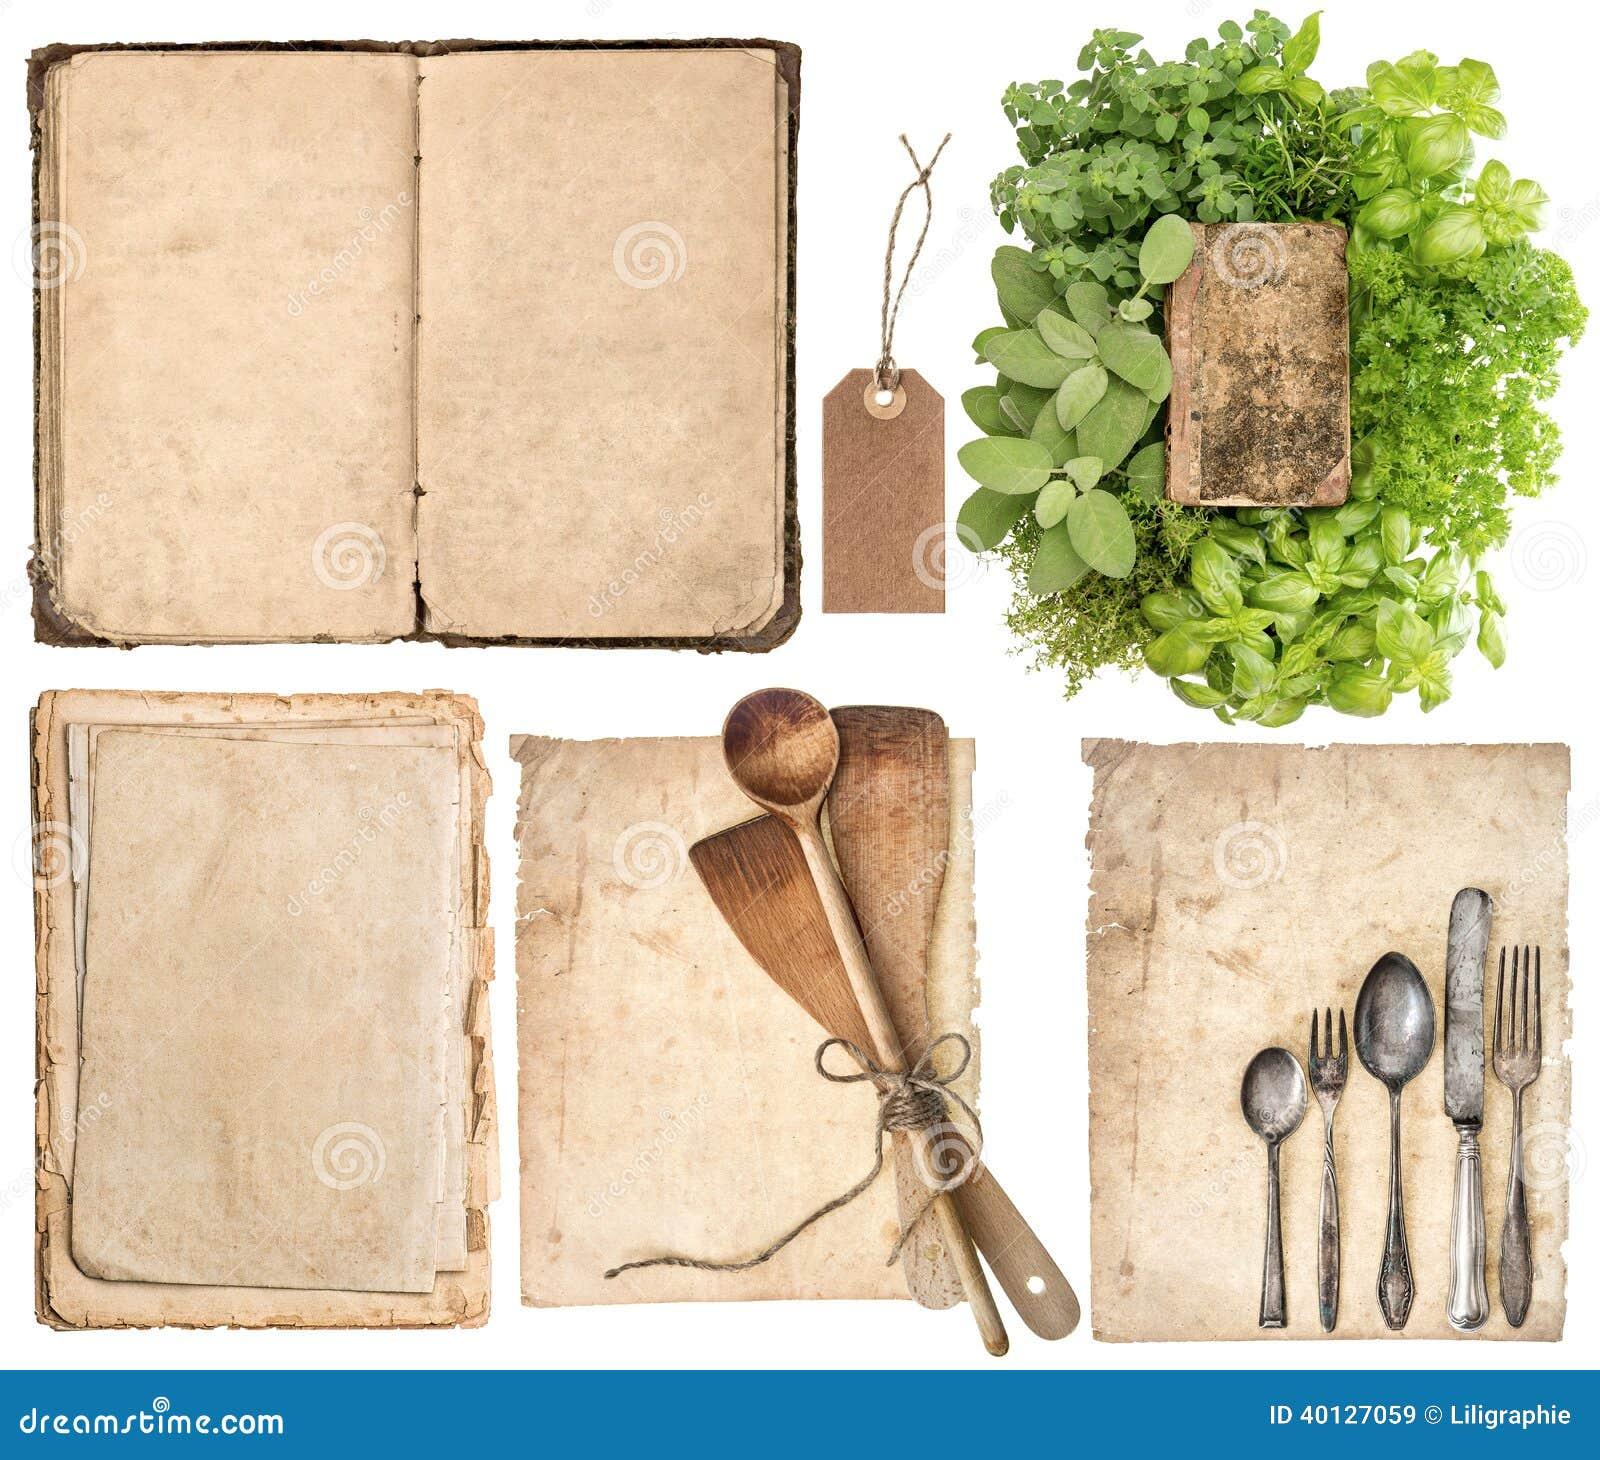 k chenger te altes kochbuch seiten und kr uter stockbild bild von kochen cuisine 40127059. Black Bedroom Furniture Sets. Home Design Ideas